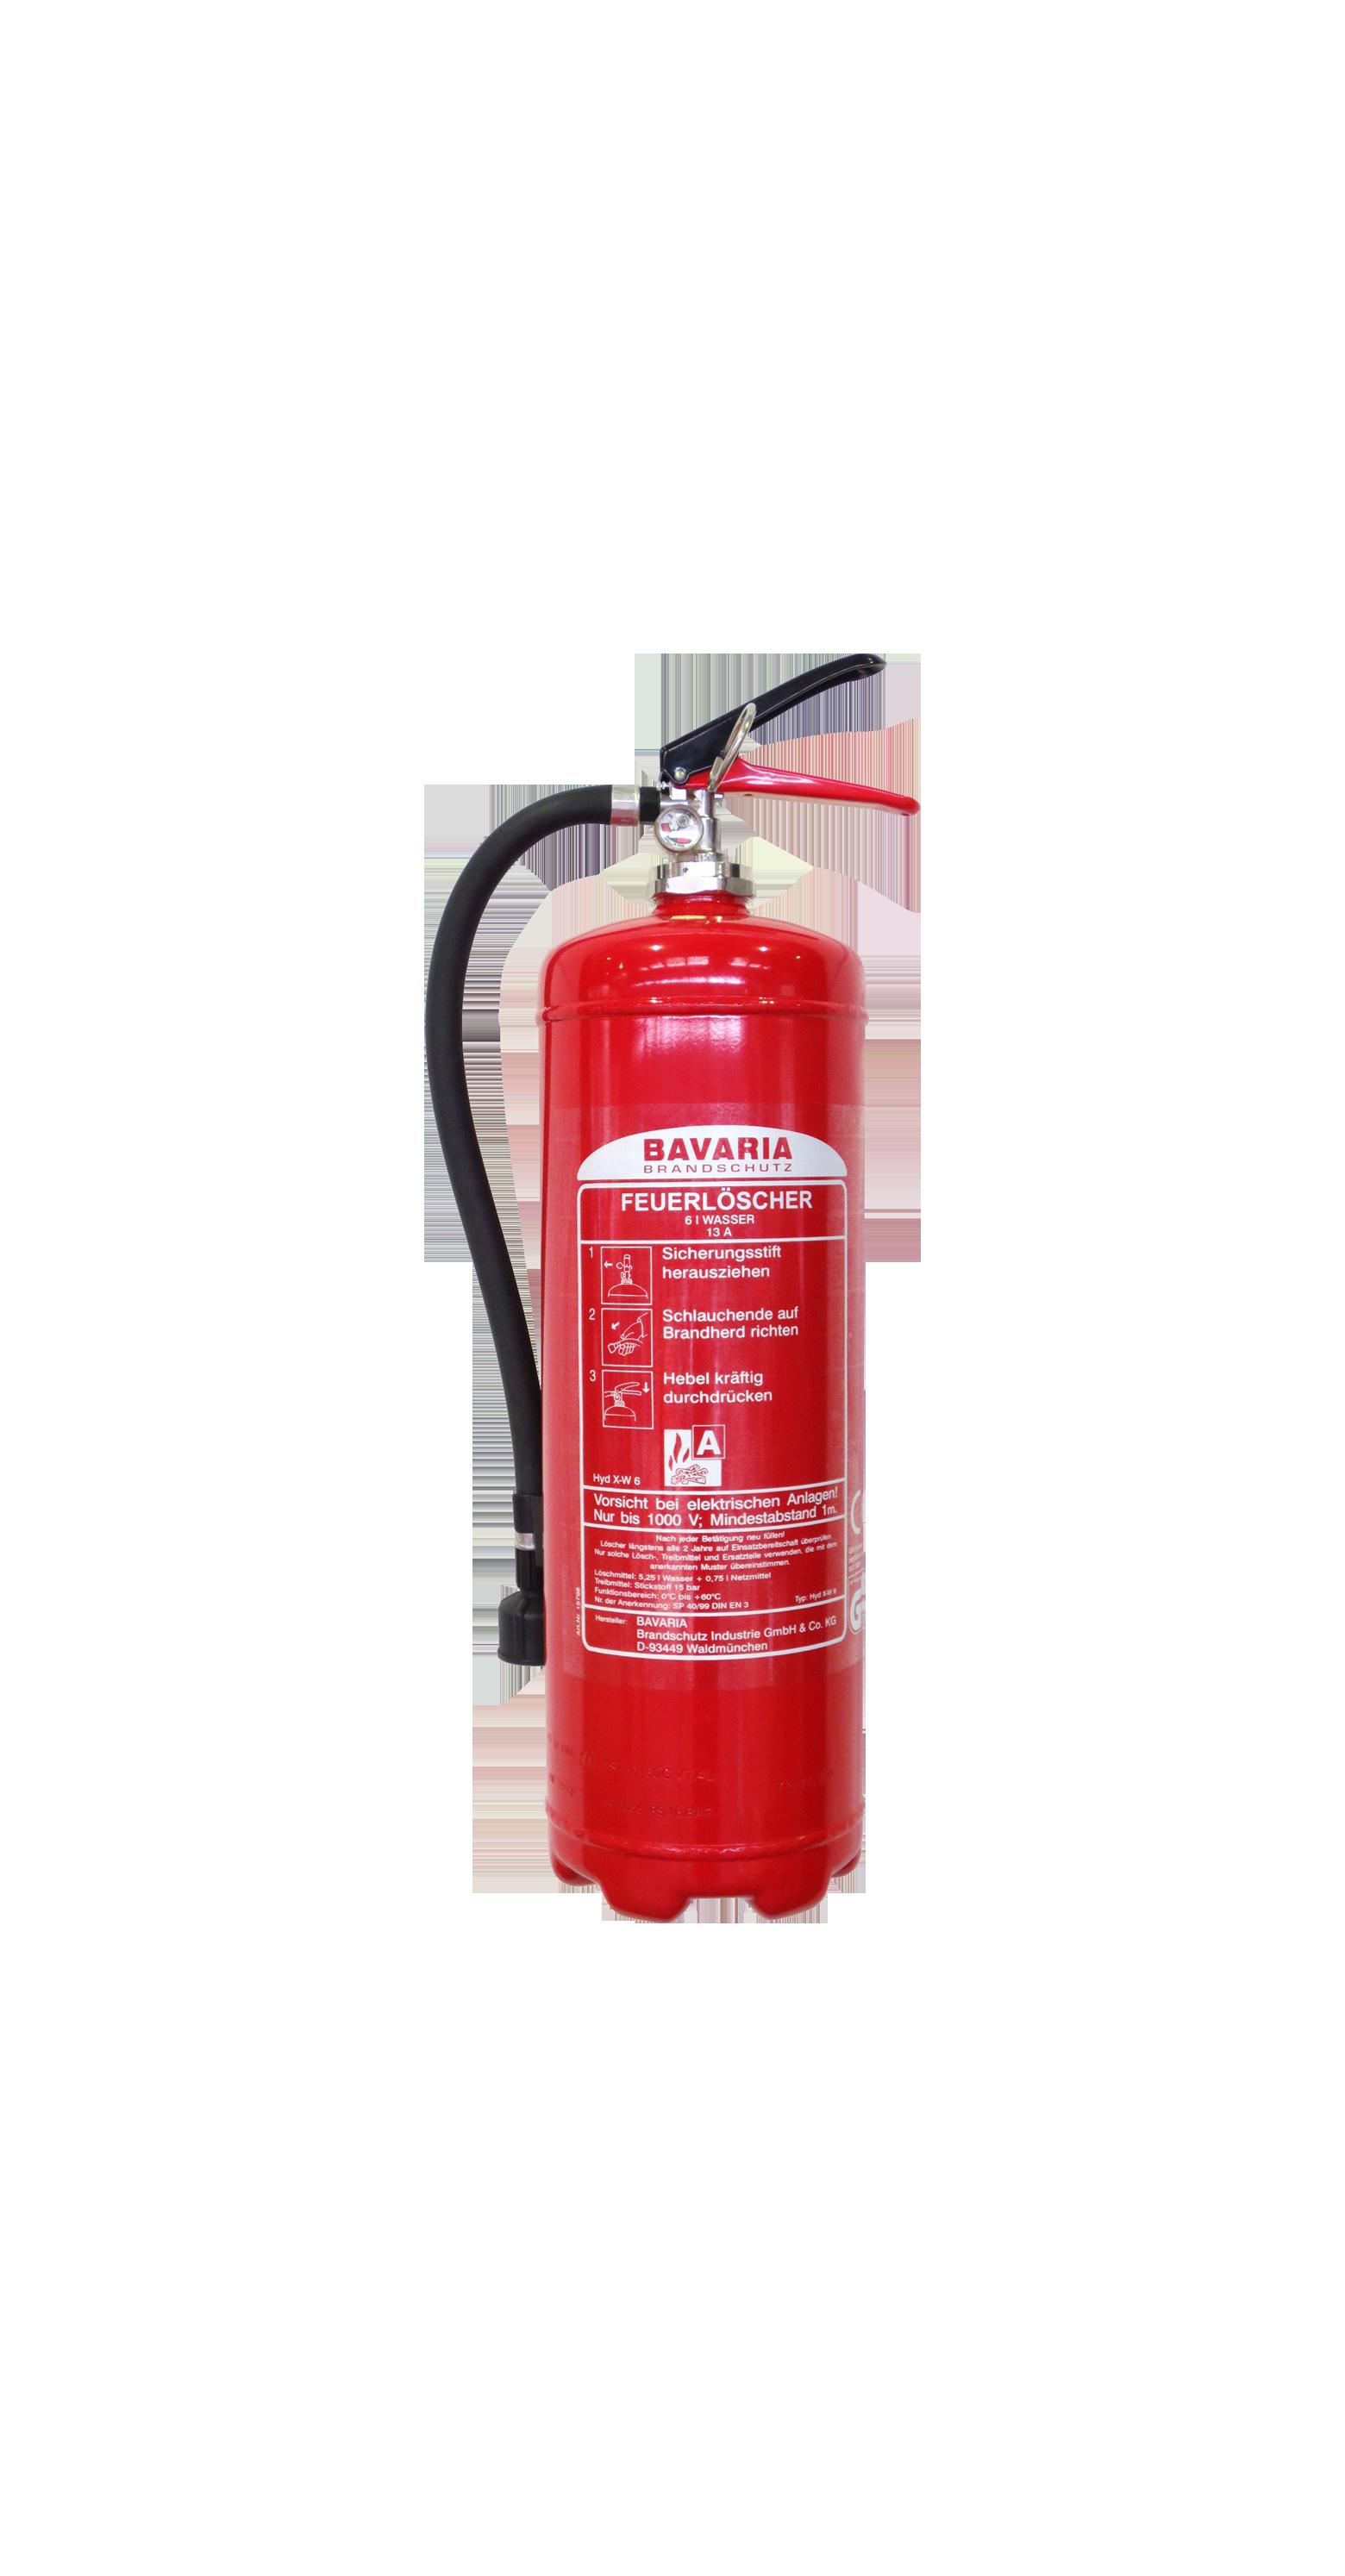 BAVARIA 6l Dauerdruck-Wasserlöscher mit Manometer, 4LE – Dauerdrucklöscher Wasser.